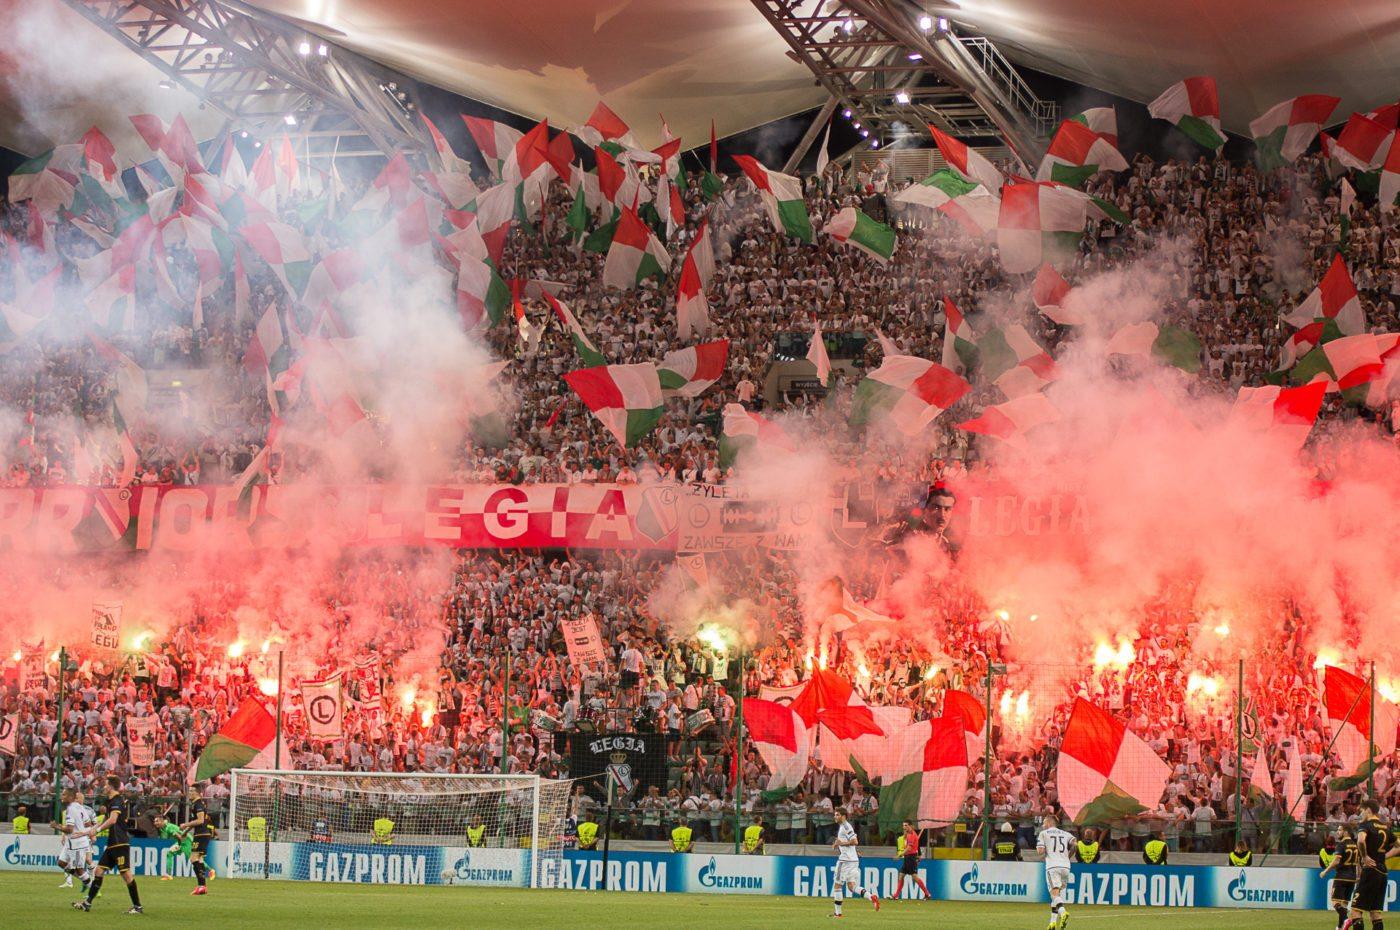 Portugalska armata w mistrzowskiej ekipie – Rafael Lopes wzmacnia Legię